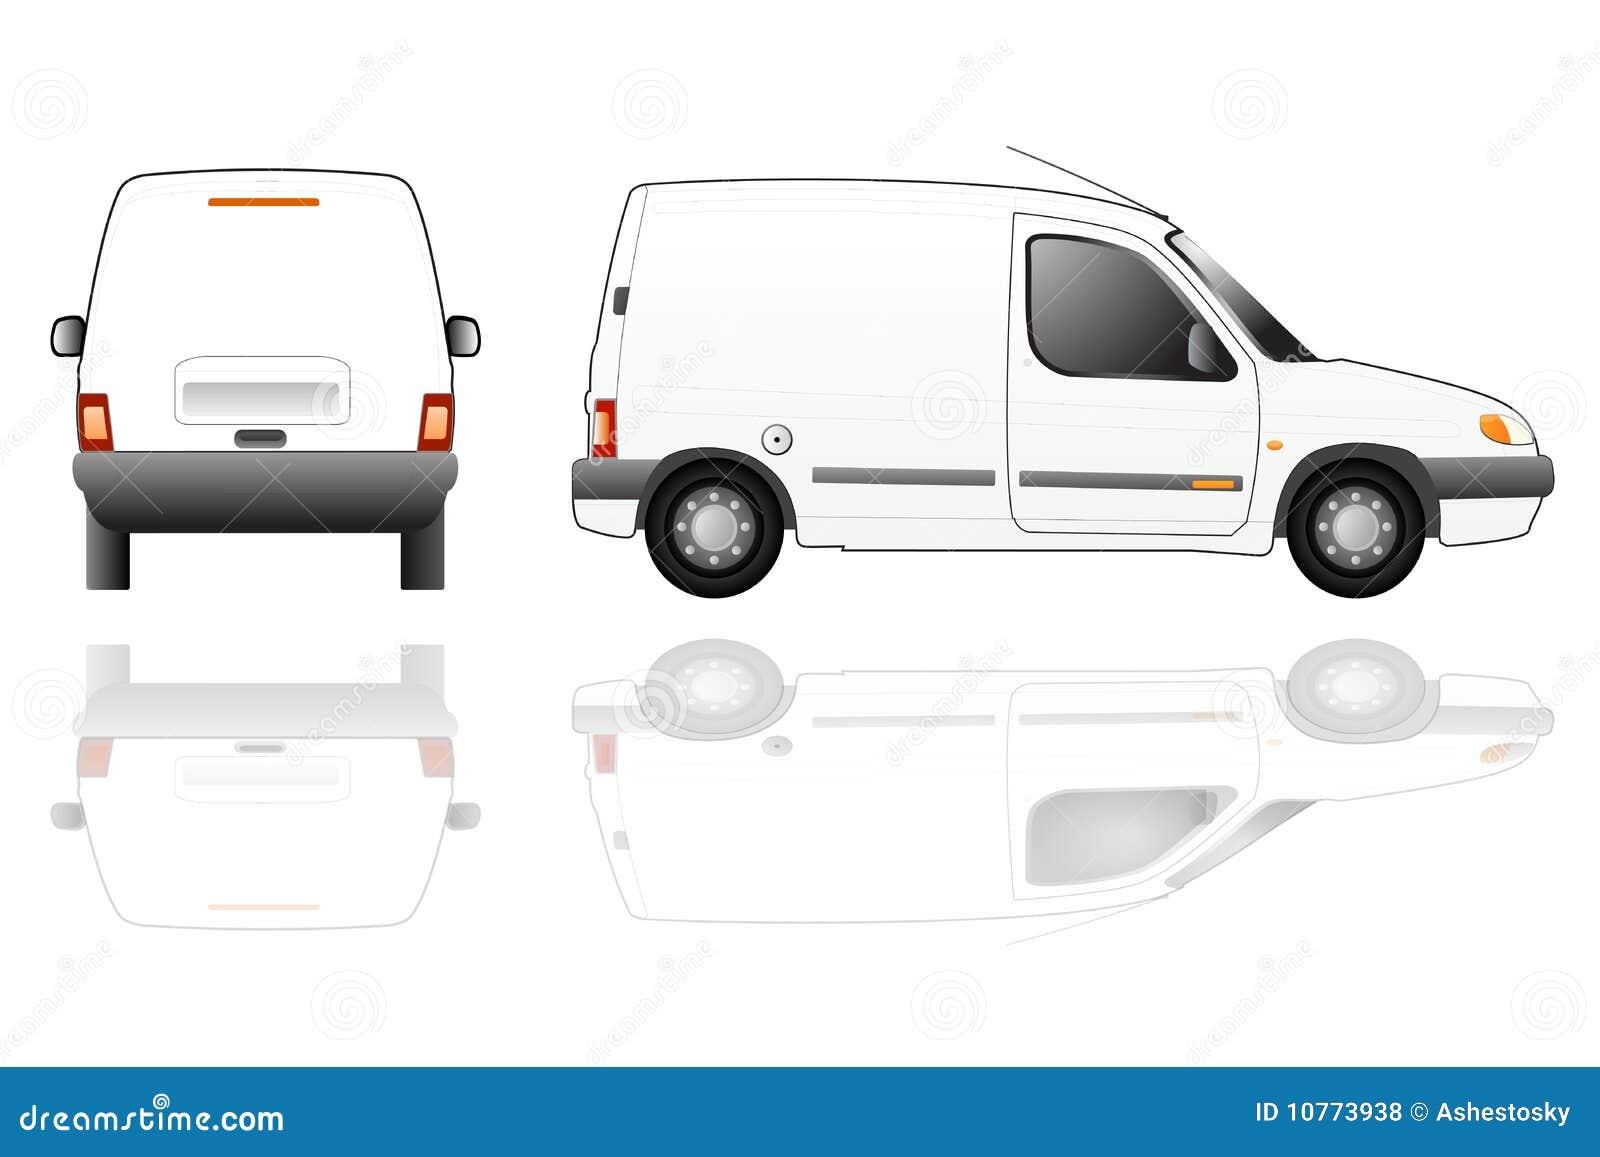 Bianco consegna furgone testo vettore